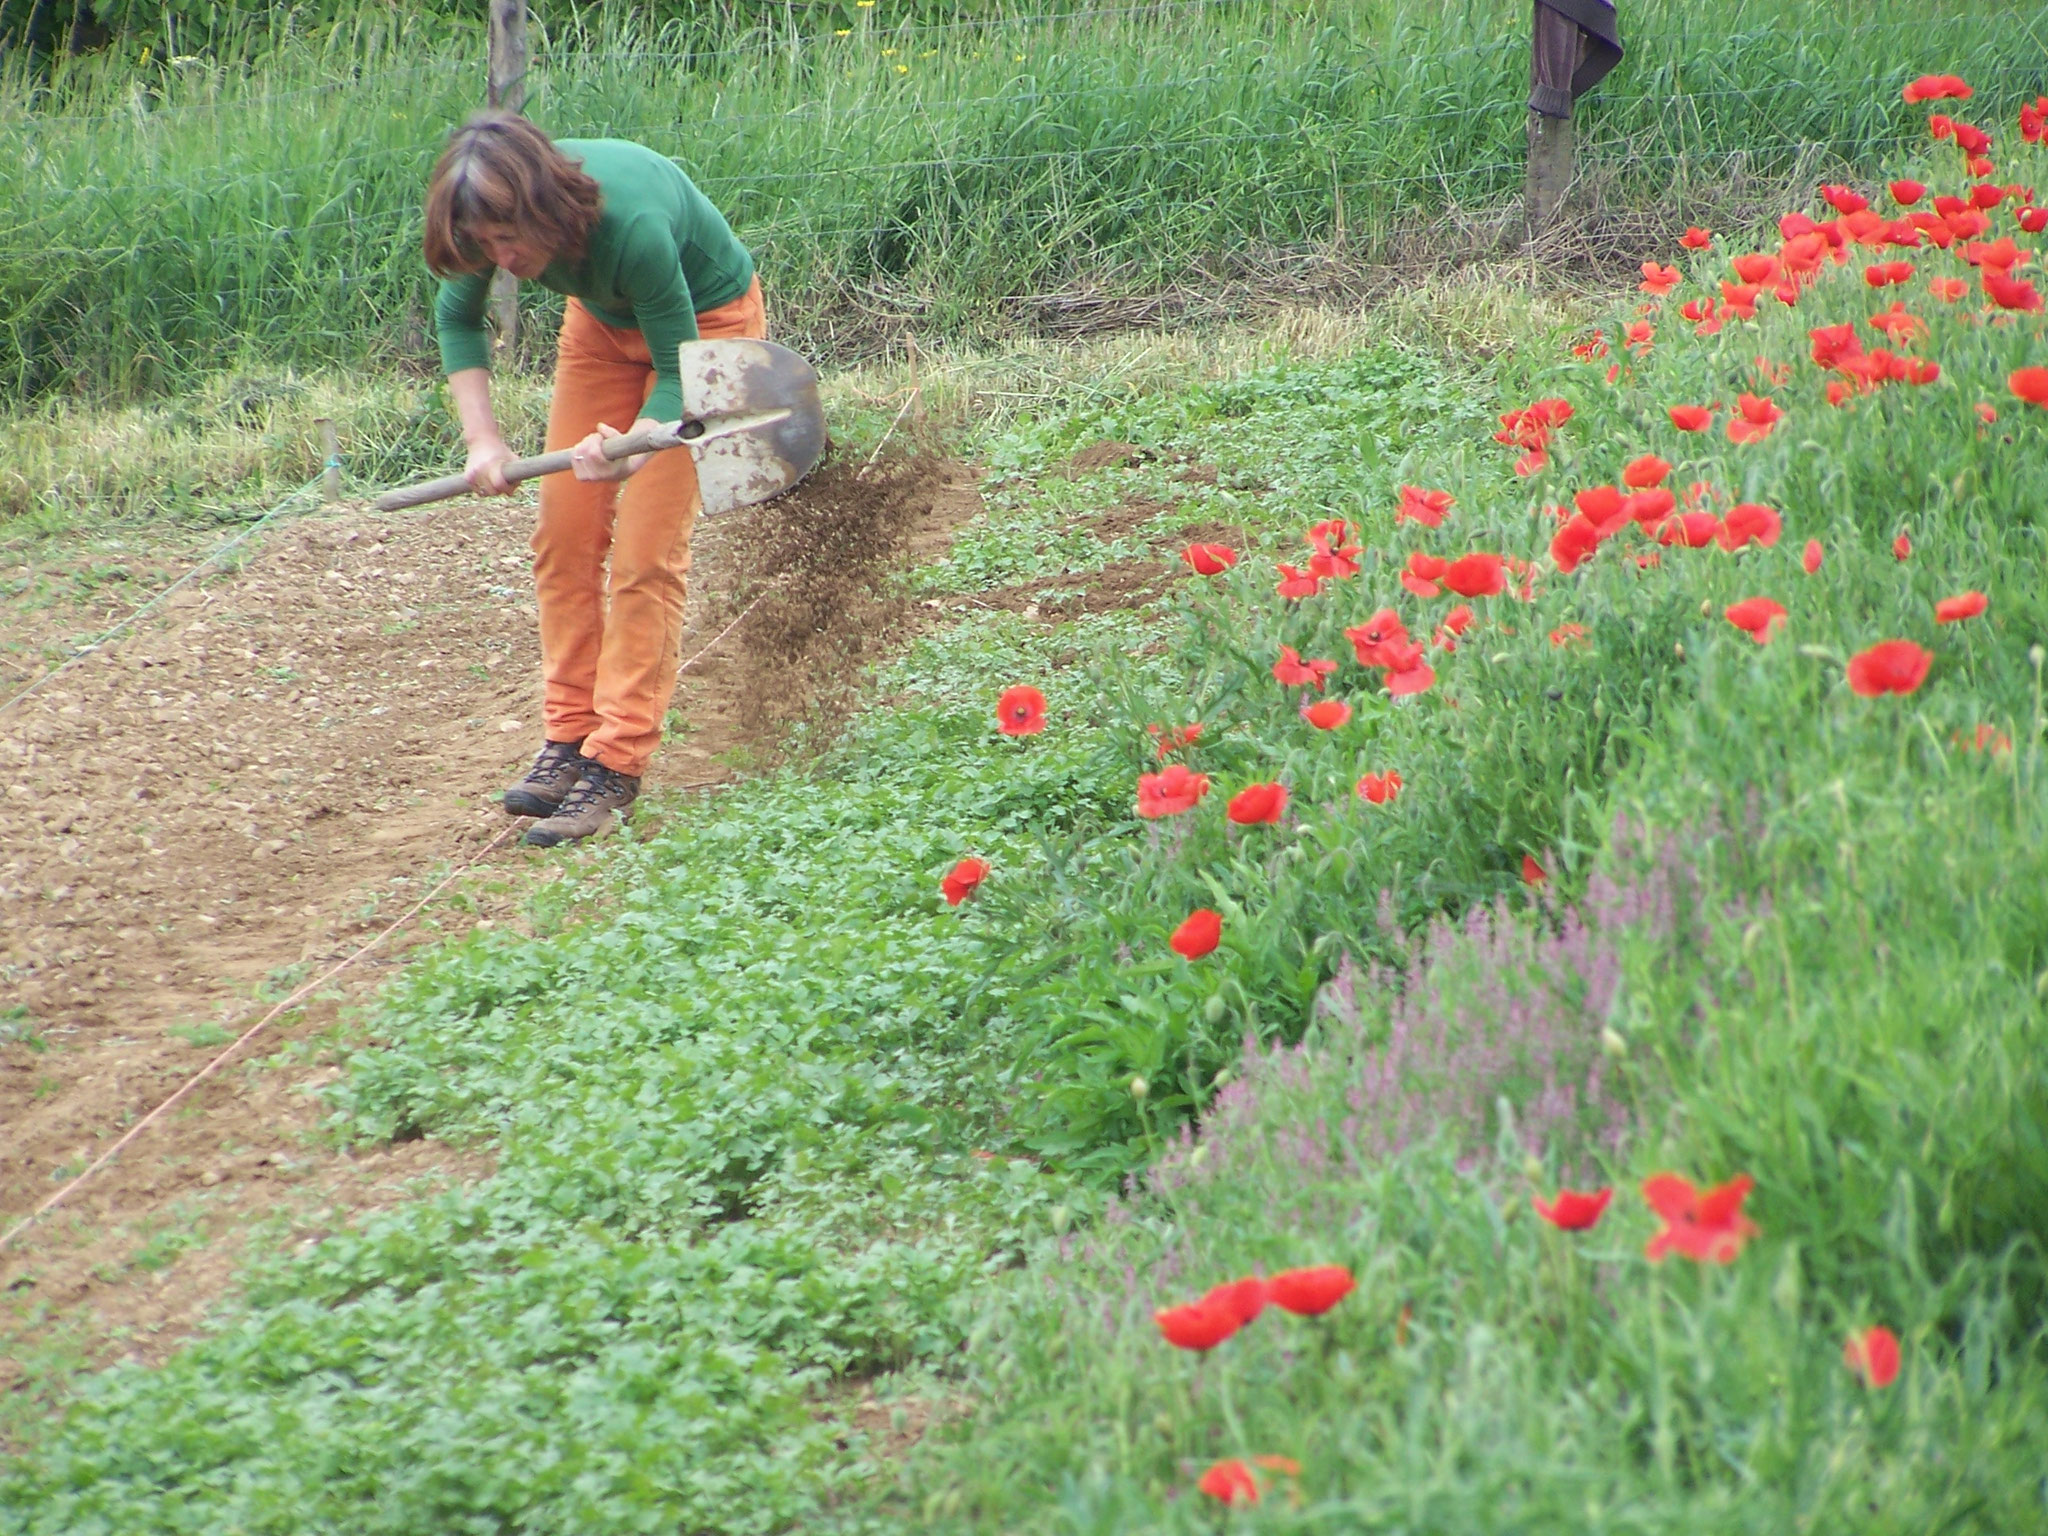 le jardin d'escampette, Fréderique au lit de semence